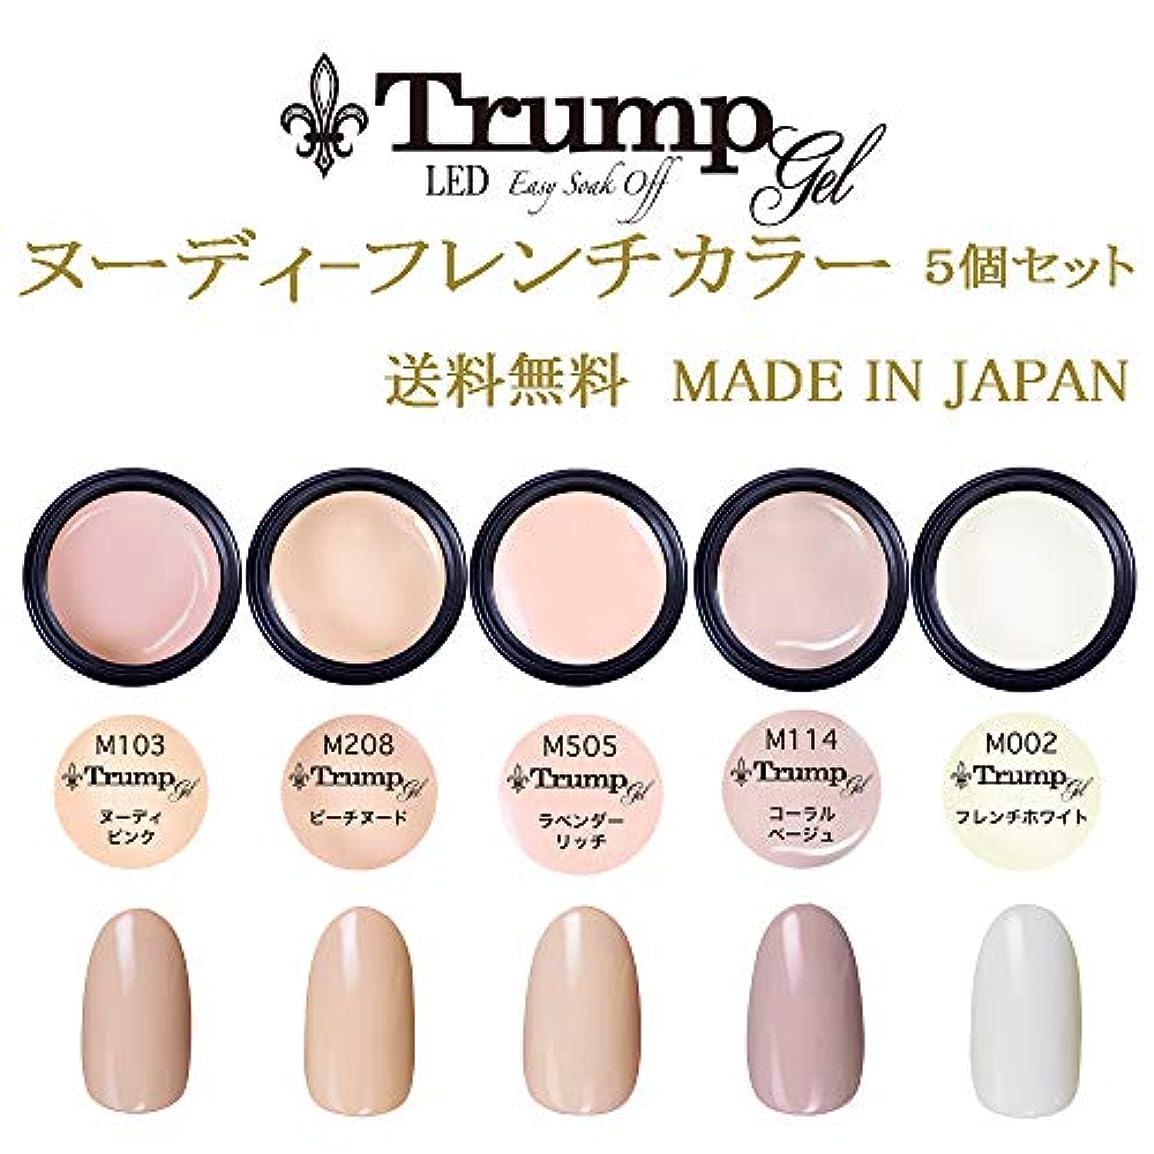 拮抗密解任【送料無料】日本製 Trump gel トランプジェルヌーディフレンチカラージェル 5個セット 肌馴染みの良い ヌーデイフレンチカラージェルセット